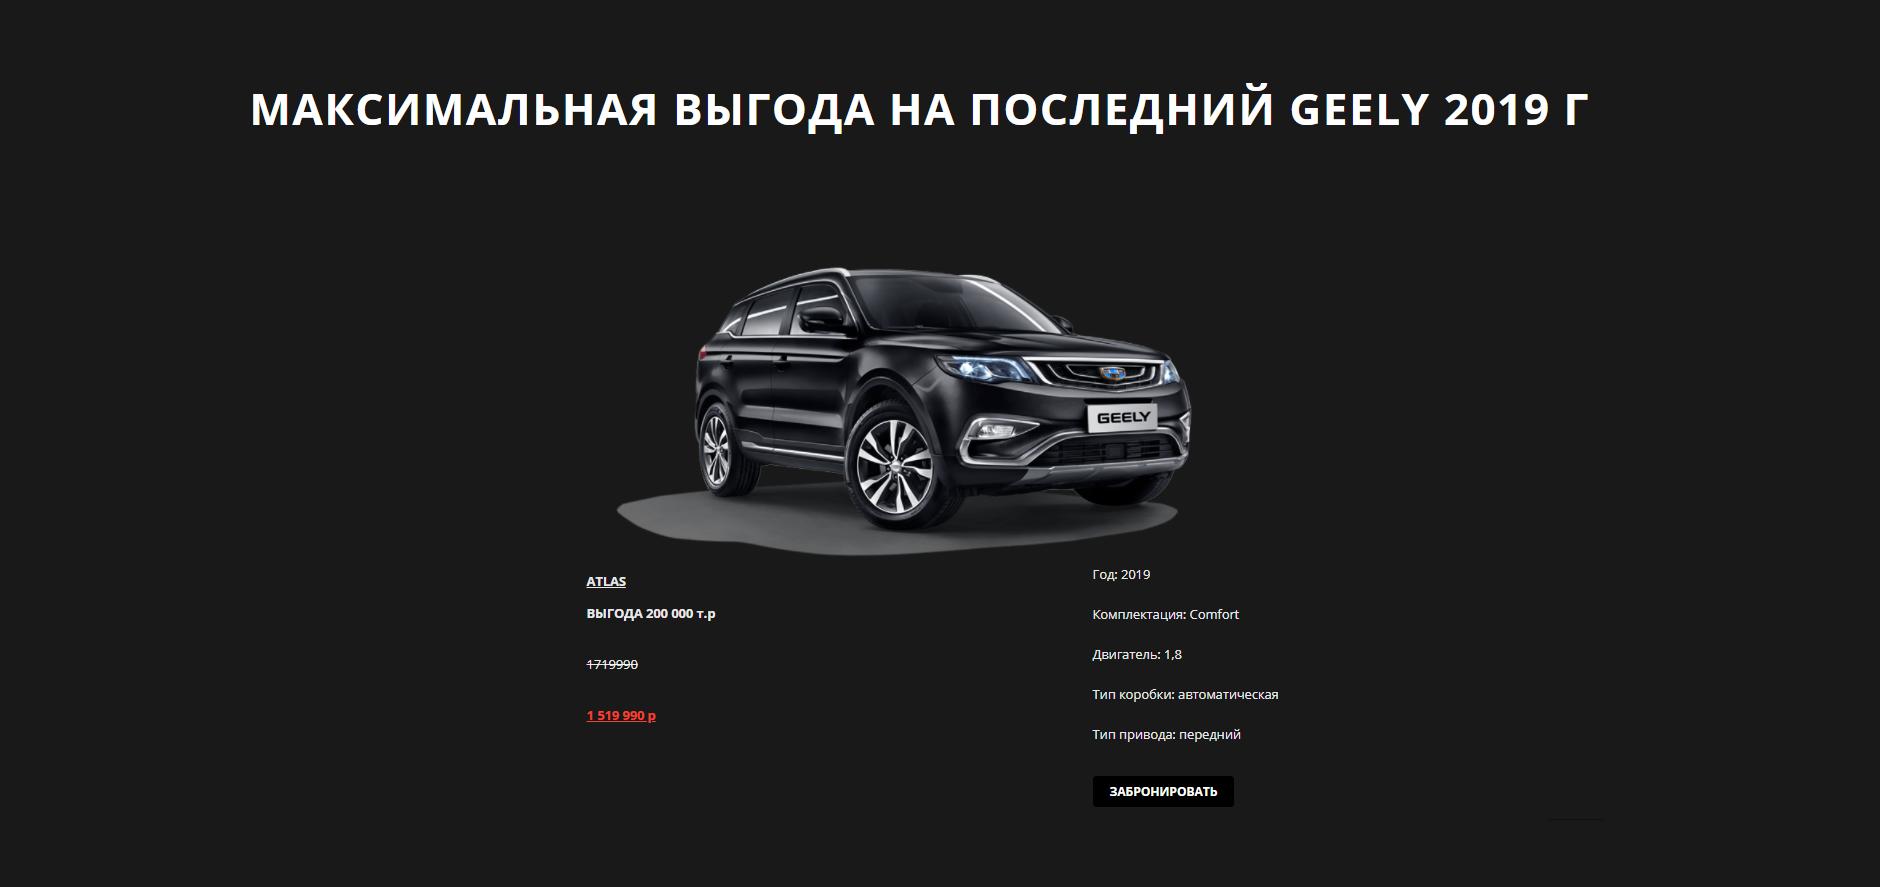 Официальный дилер автомобилей марки Geely в Красноярске | Автоцентр ВСК